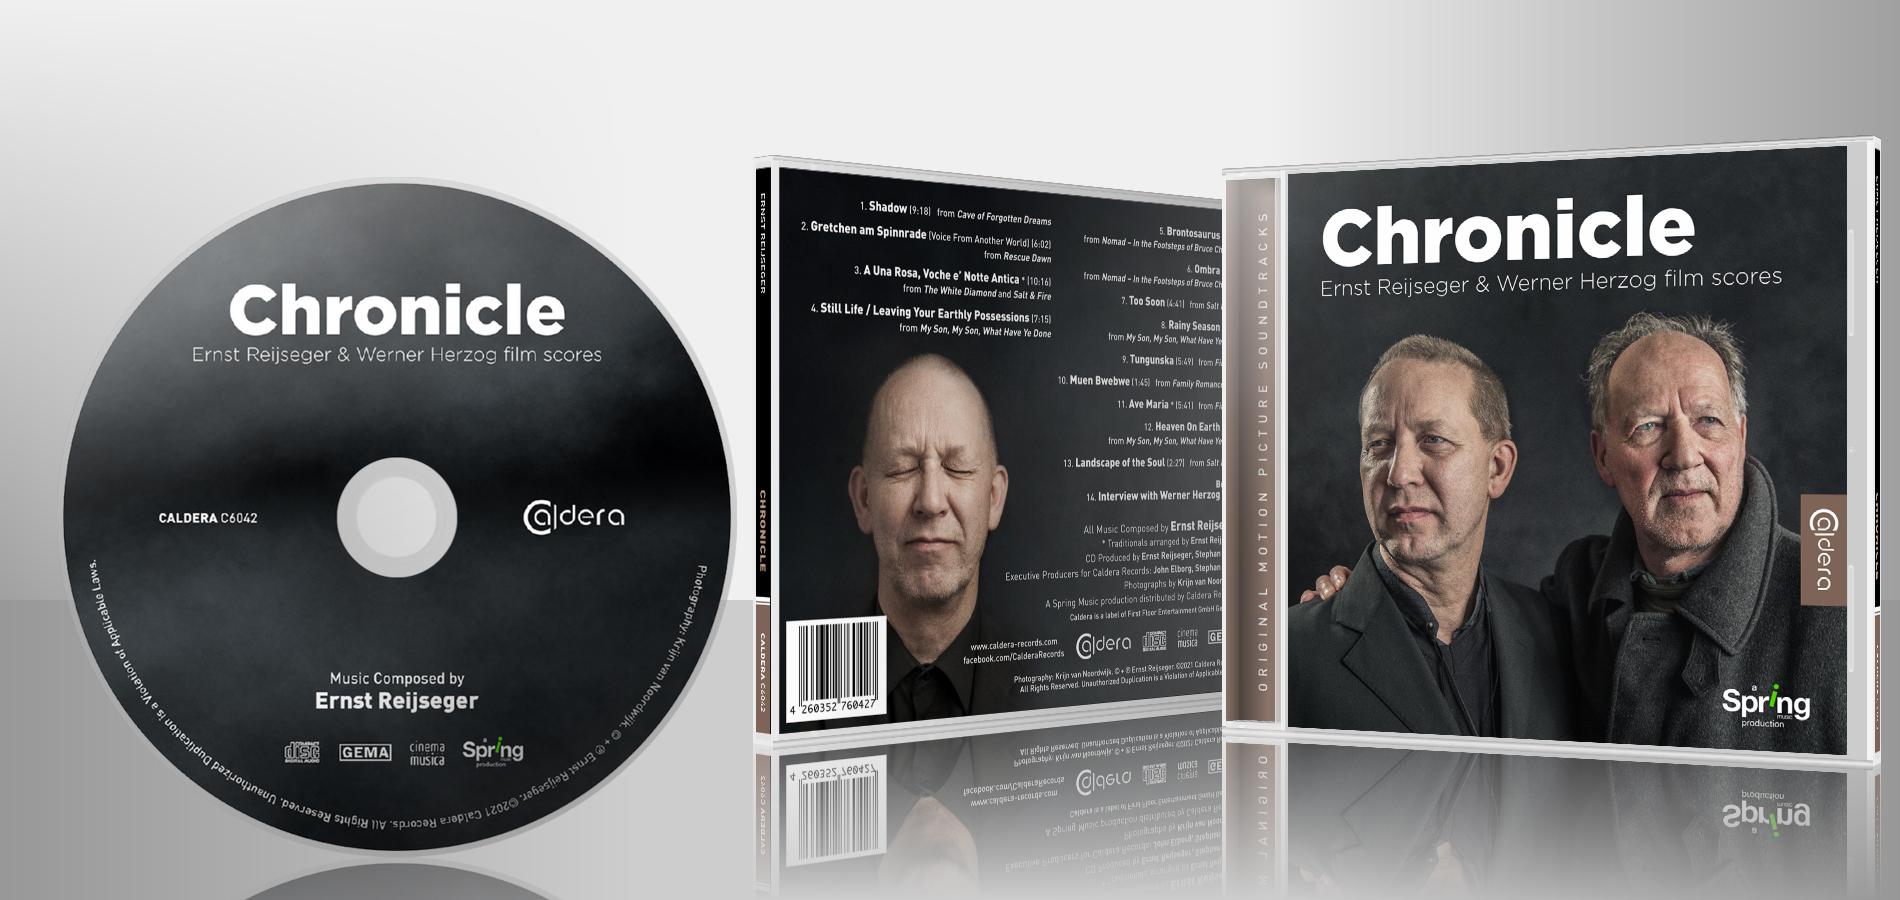 CHRONICLE – ERNST REIJSEGER AND WERNER HERZOG FILM SCORES